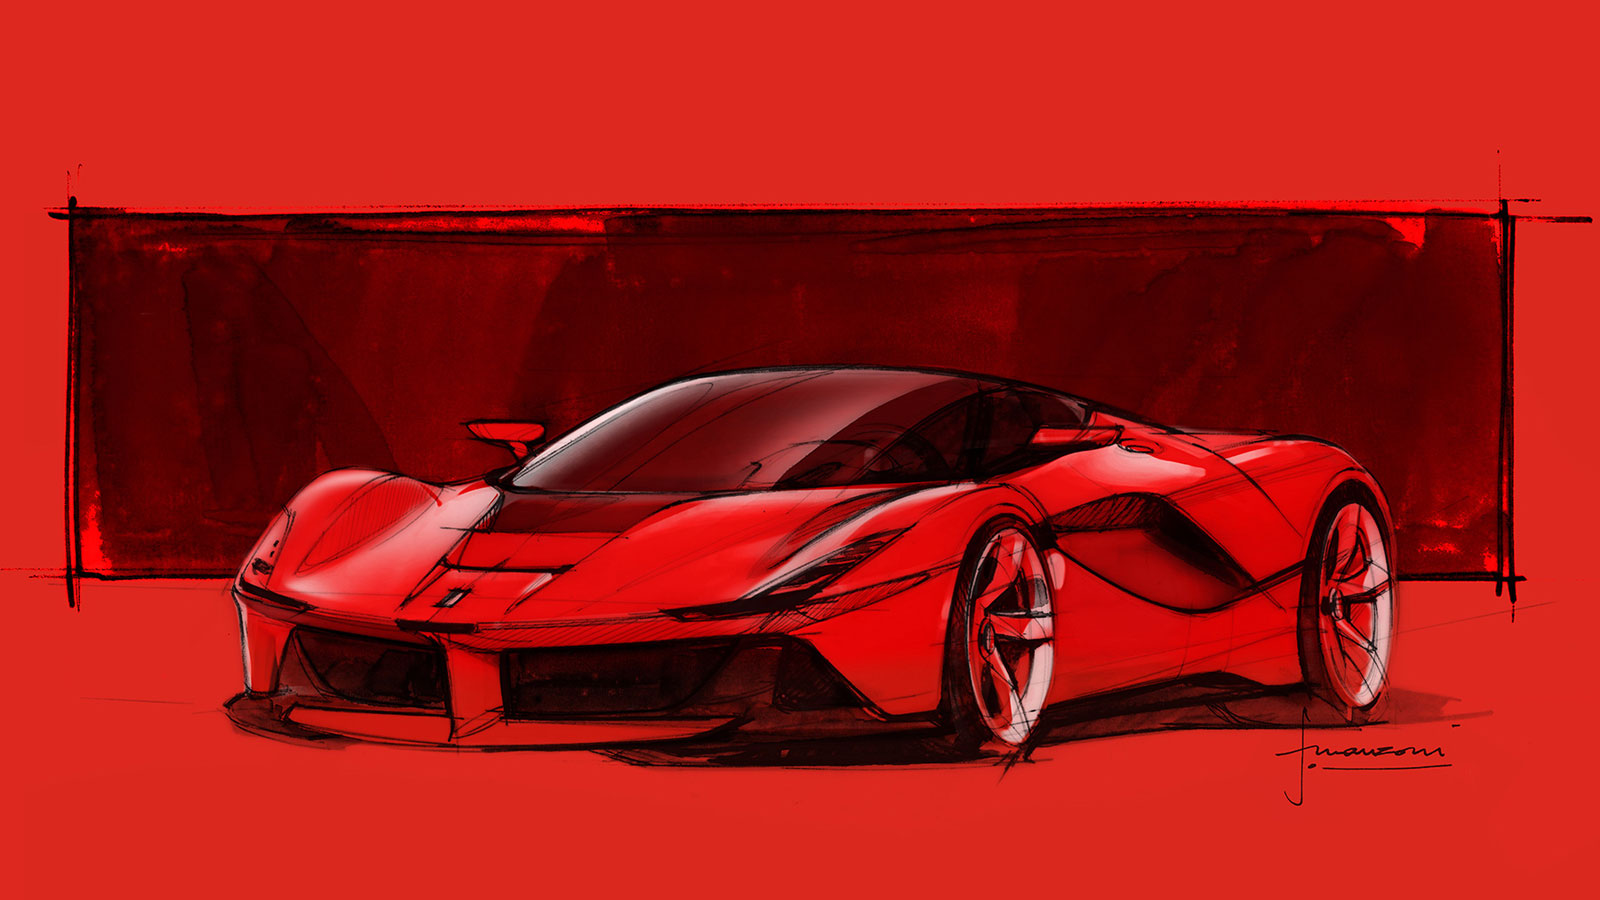 LaFerrari design Sketch by Flavio Manzoni - Car Body Design